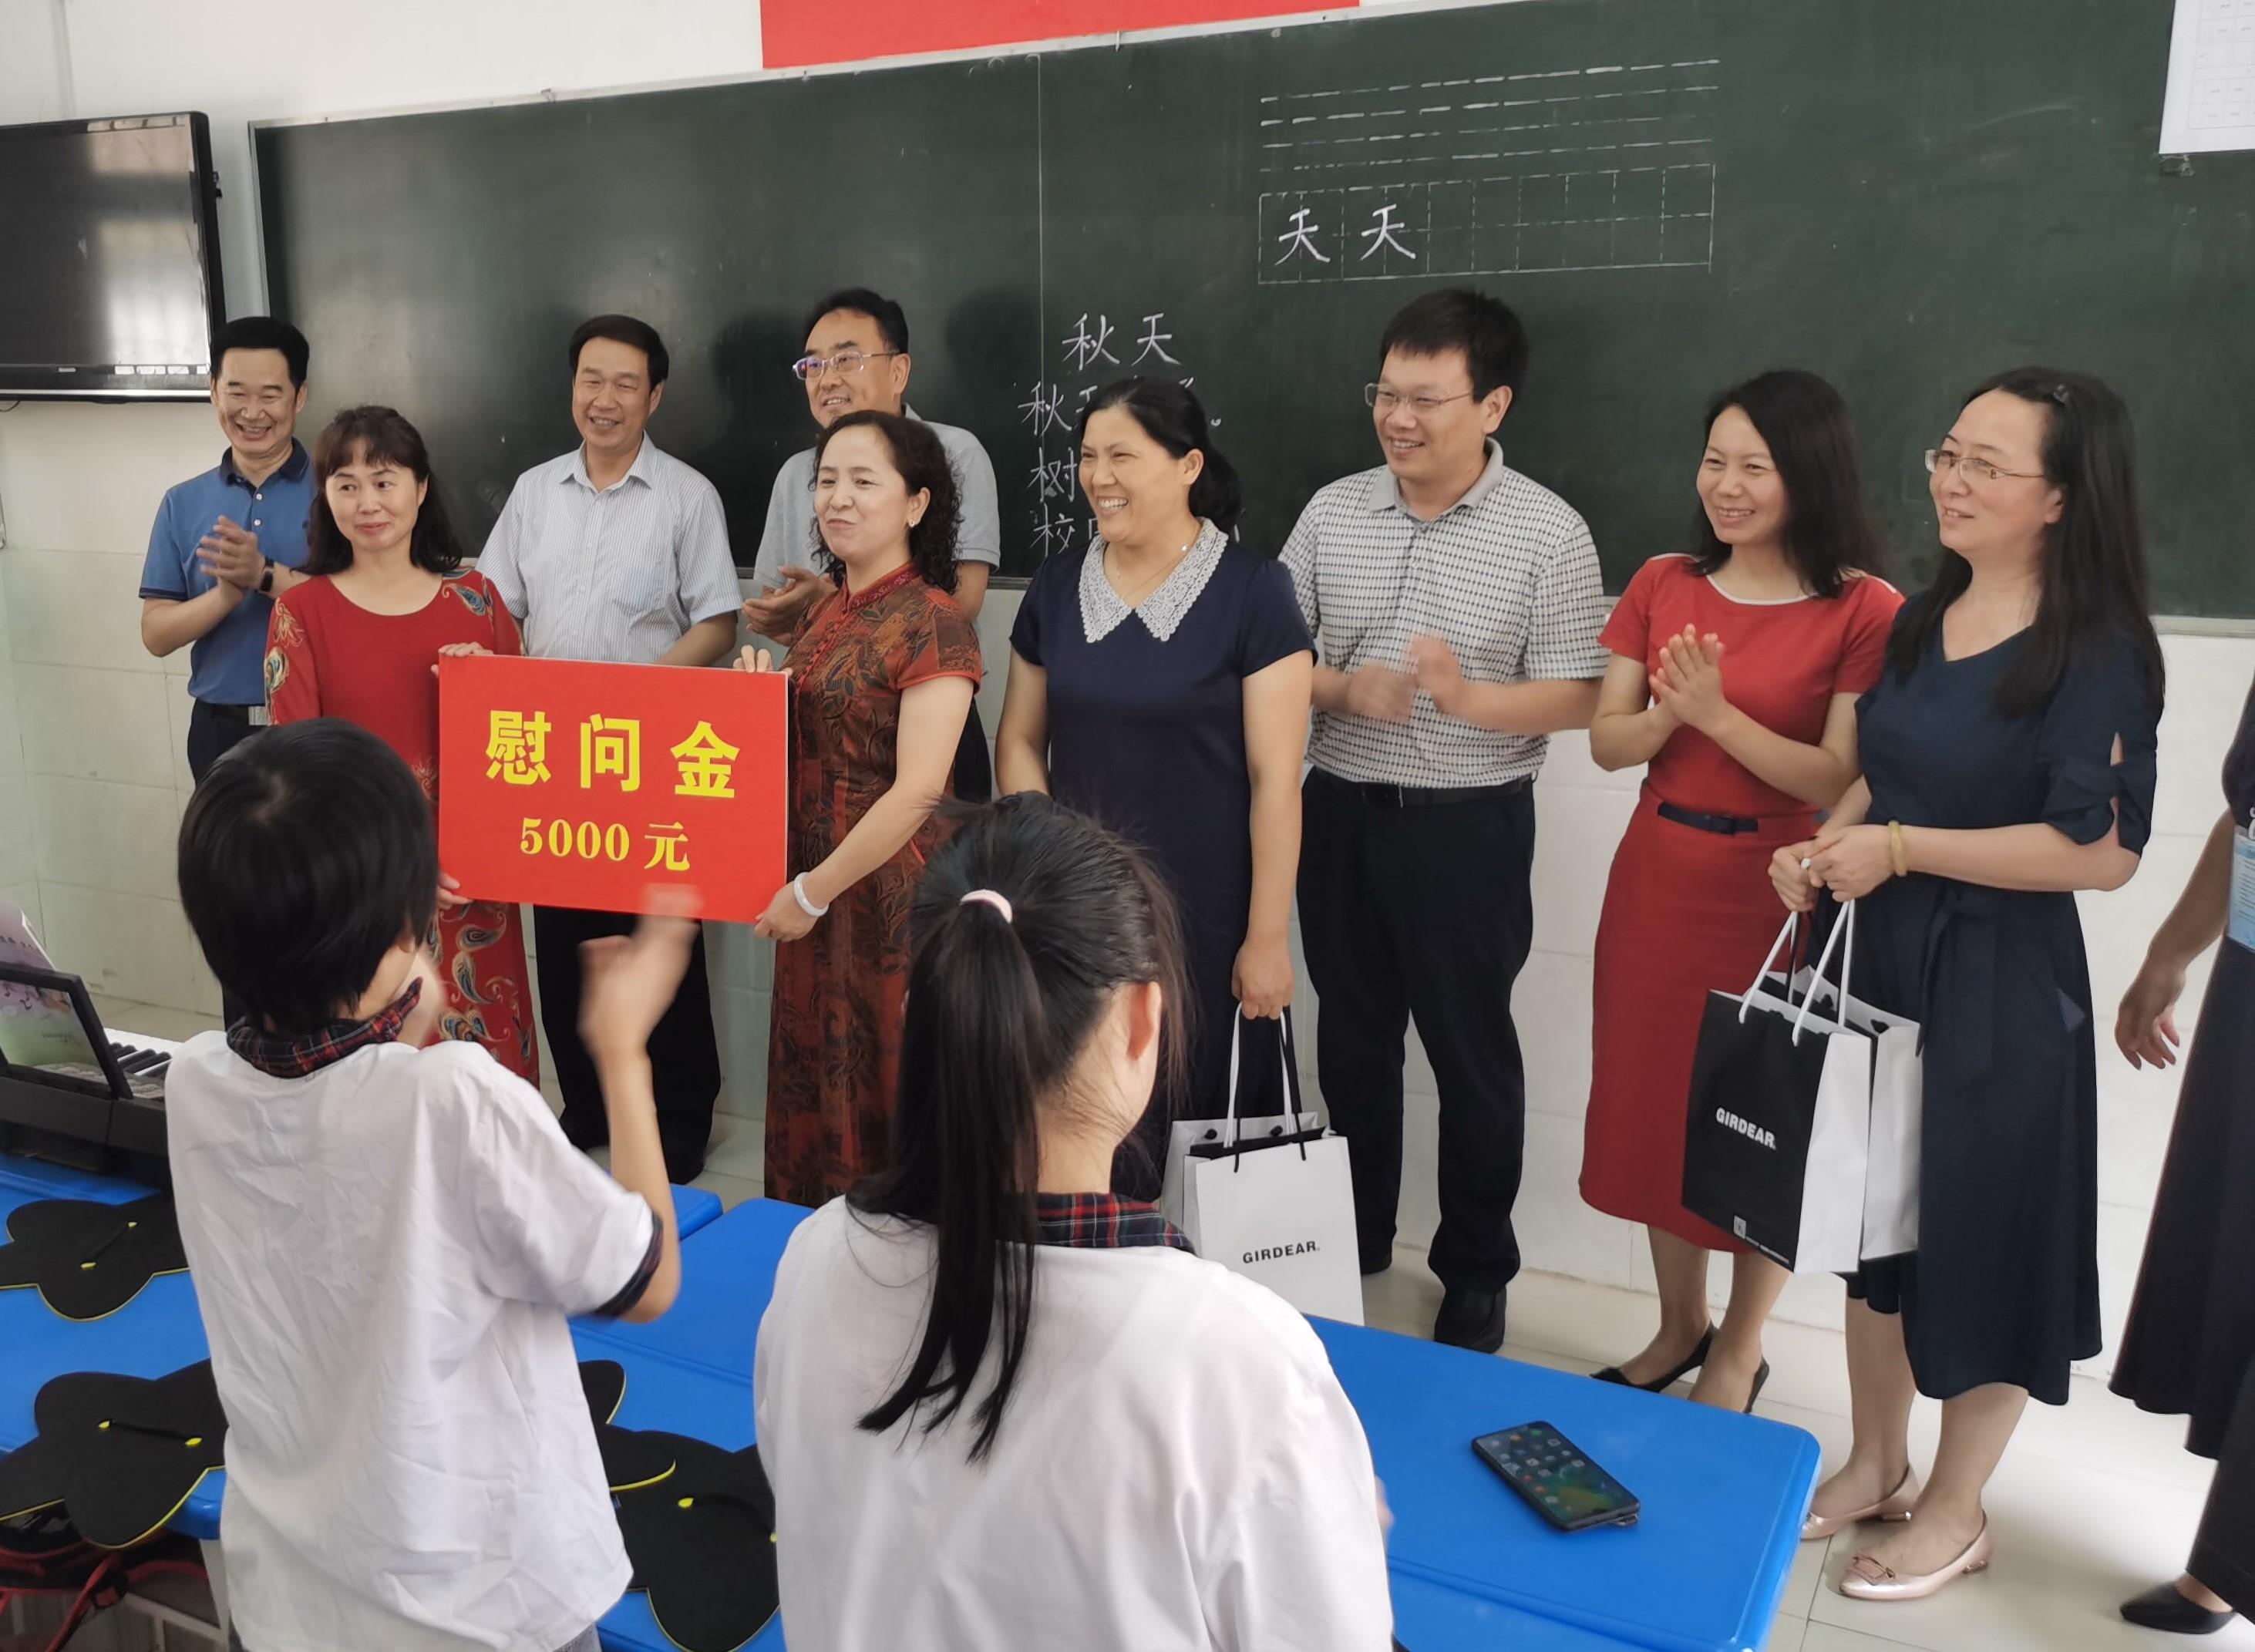 市政府副秘书长张昌升慰问特教老师